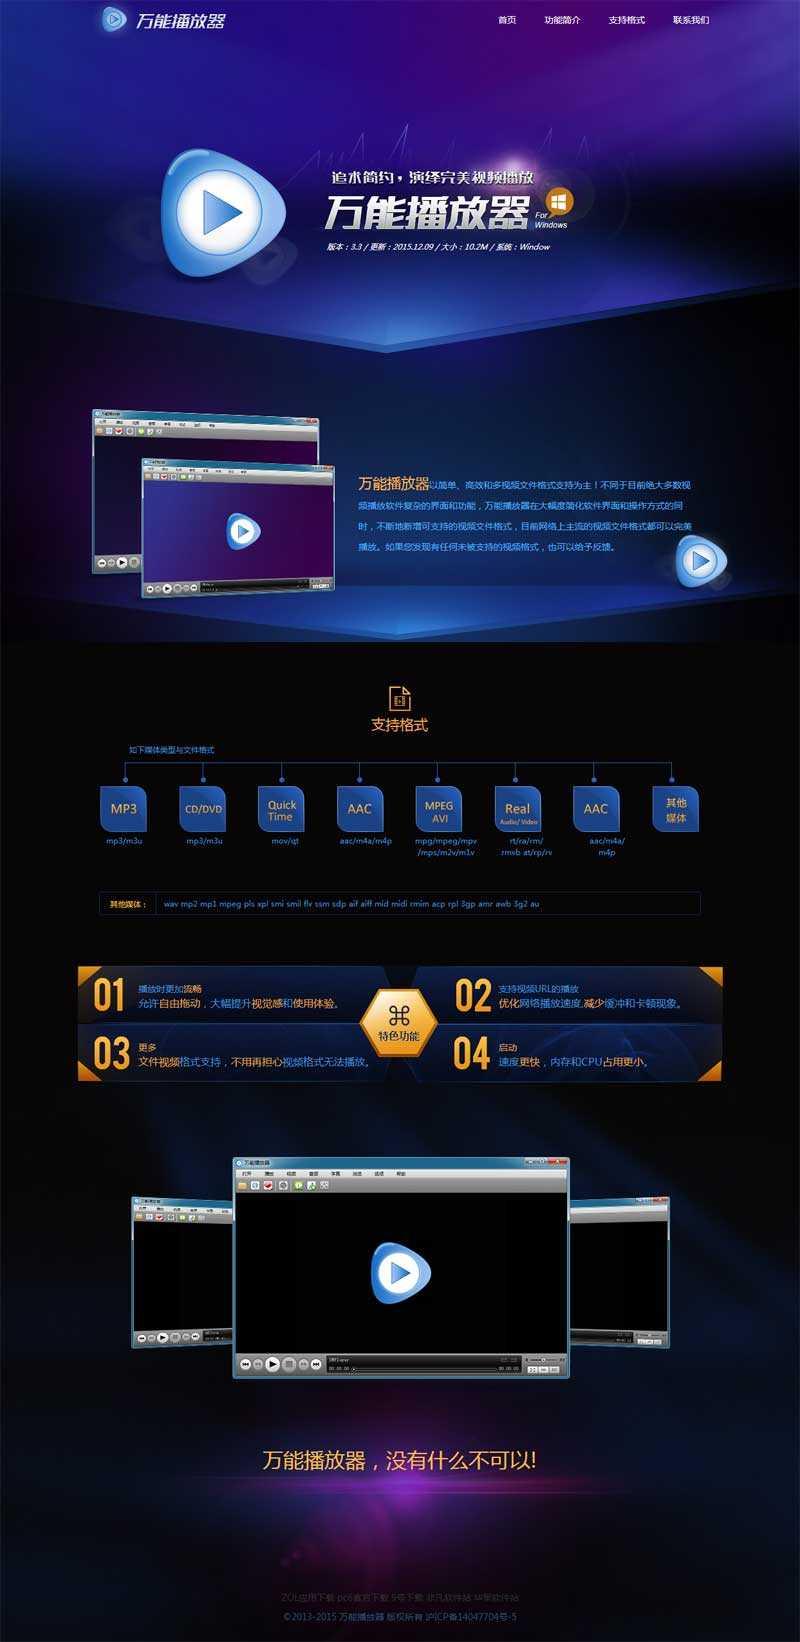 实用的万能播放器介绍页面模板html下载